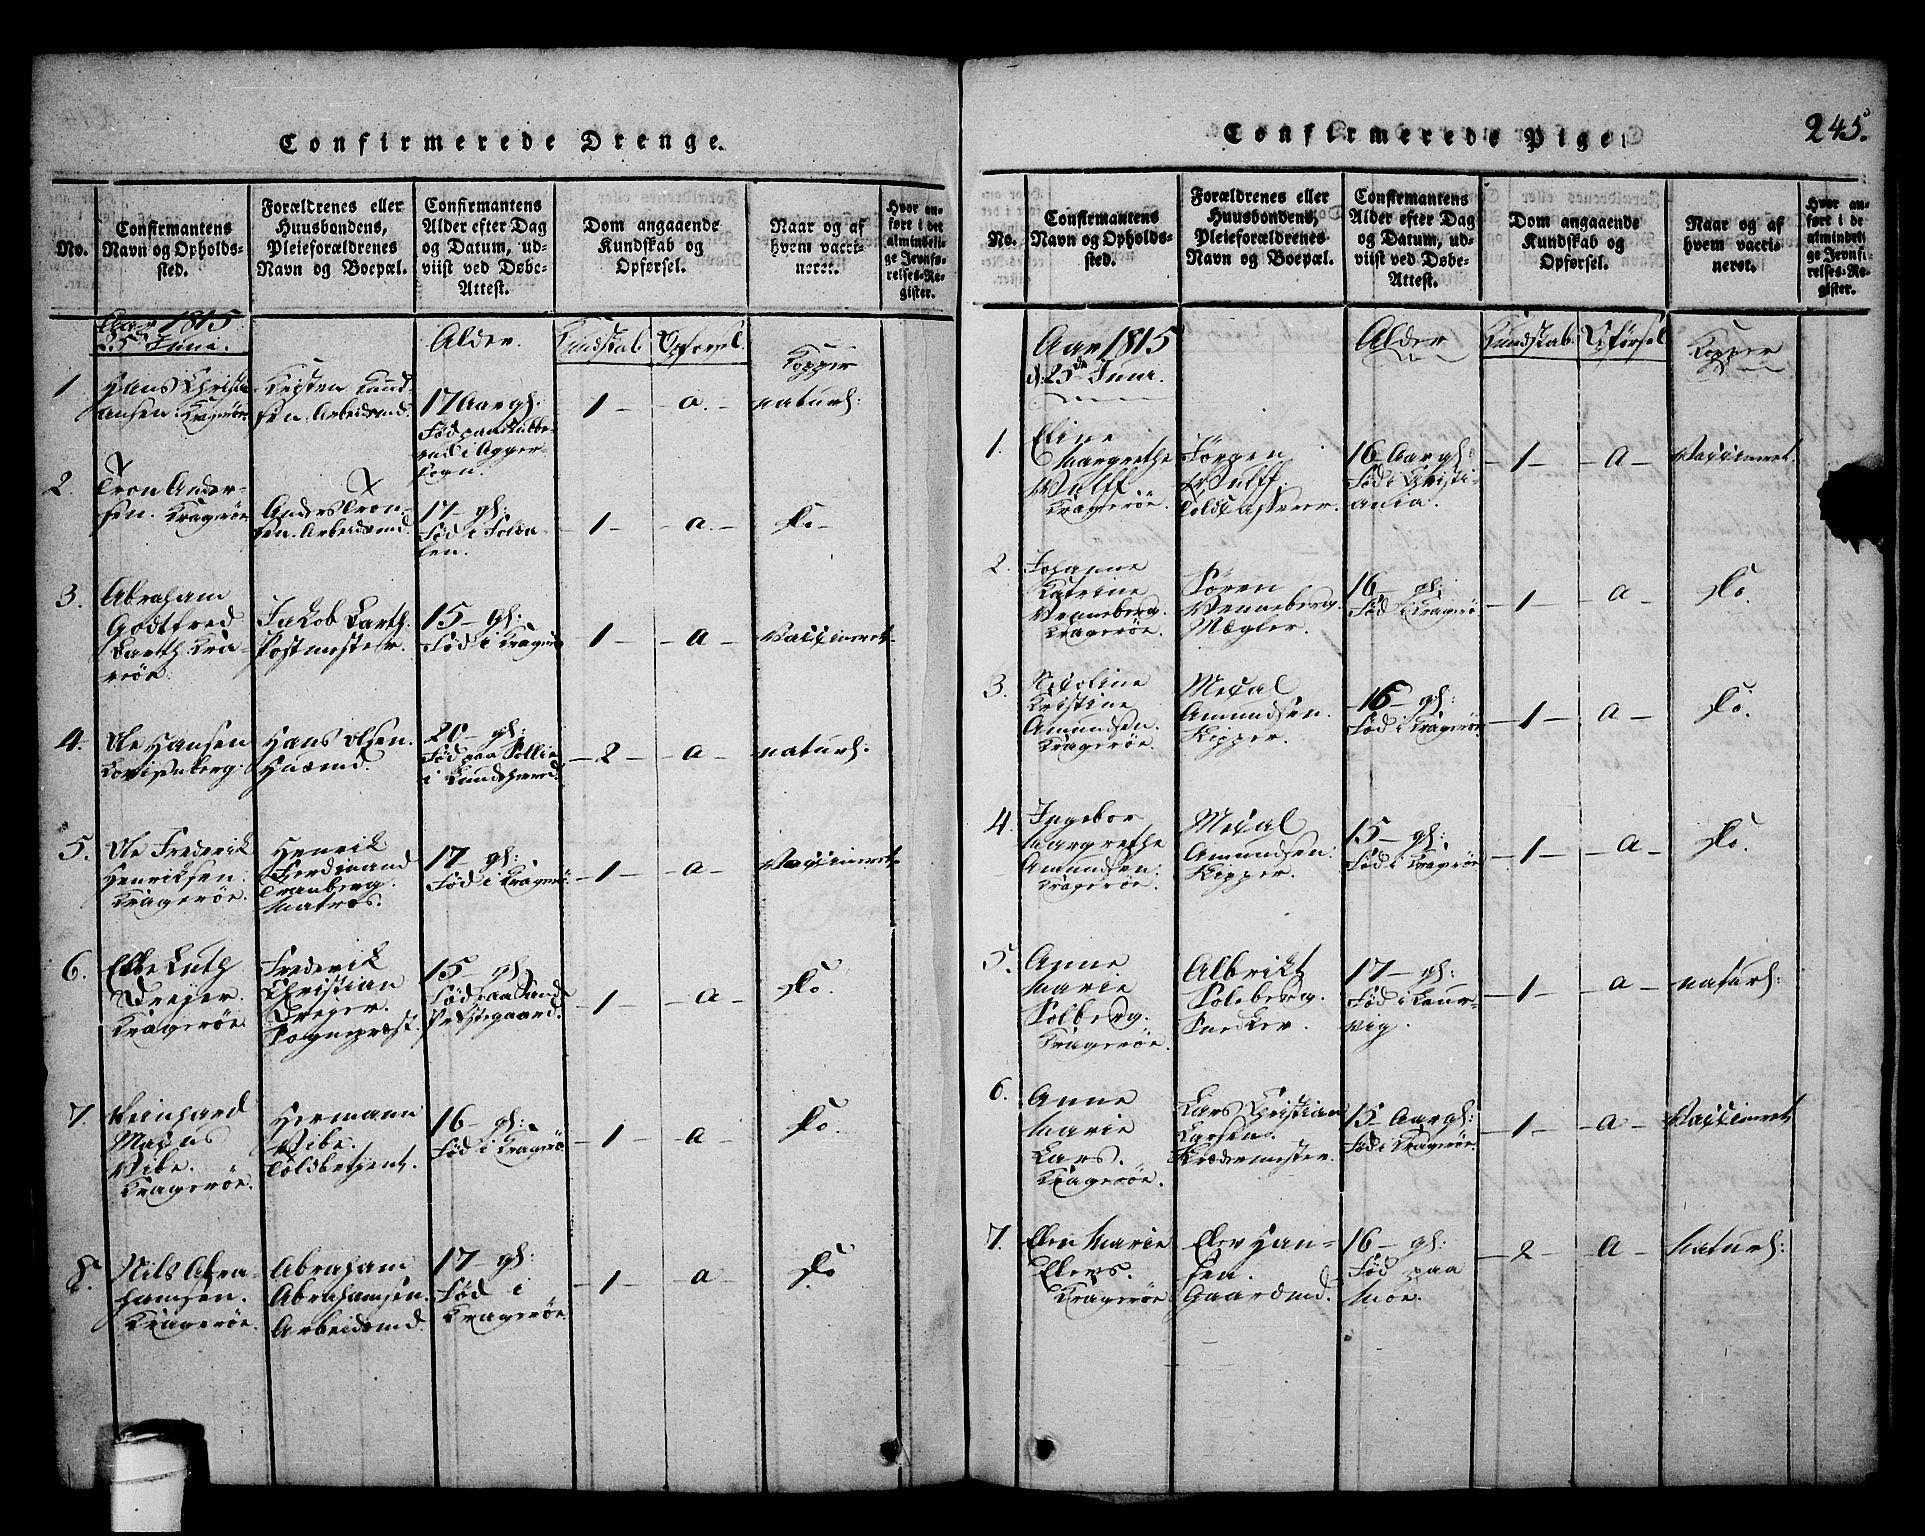 SAKO, Kragerø kirkebøker, G/Ga/L0002: Klokkerbok nr. 2, 1814-1831, s. 245